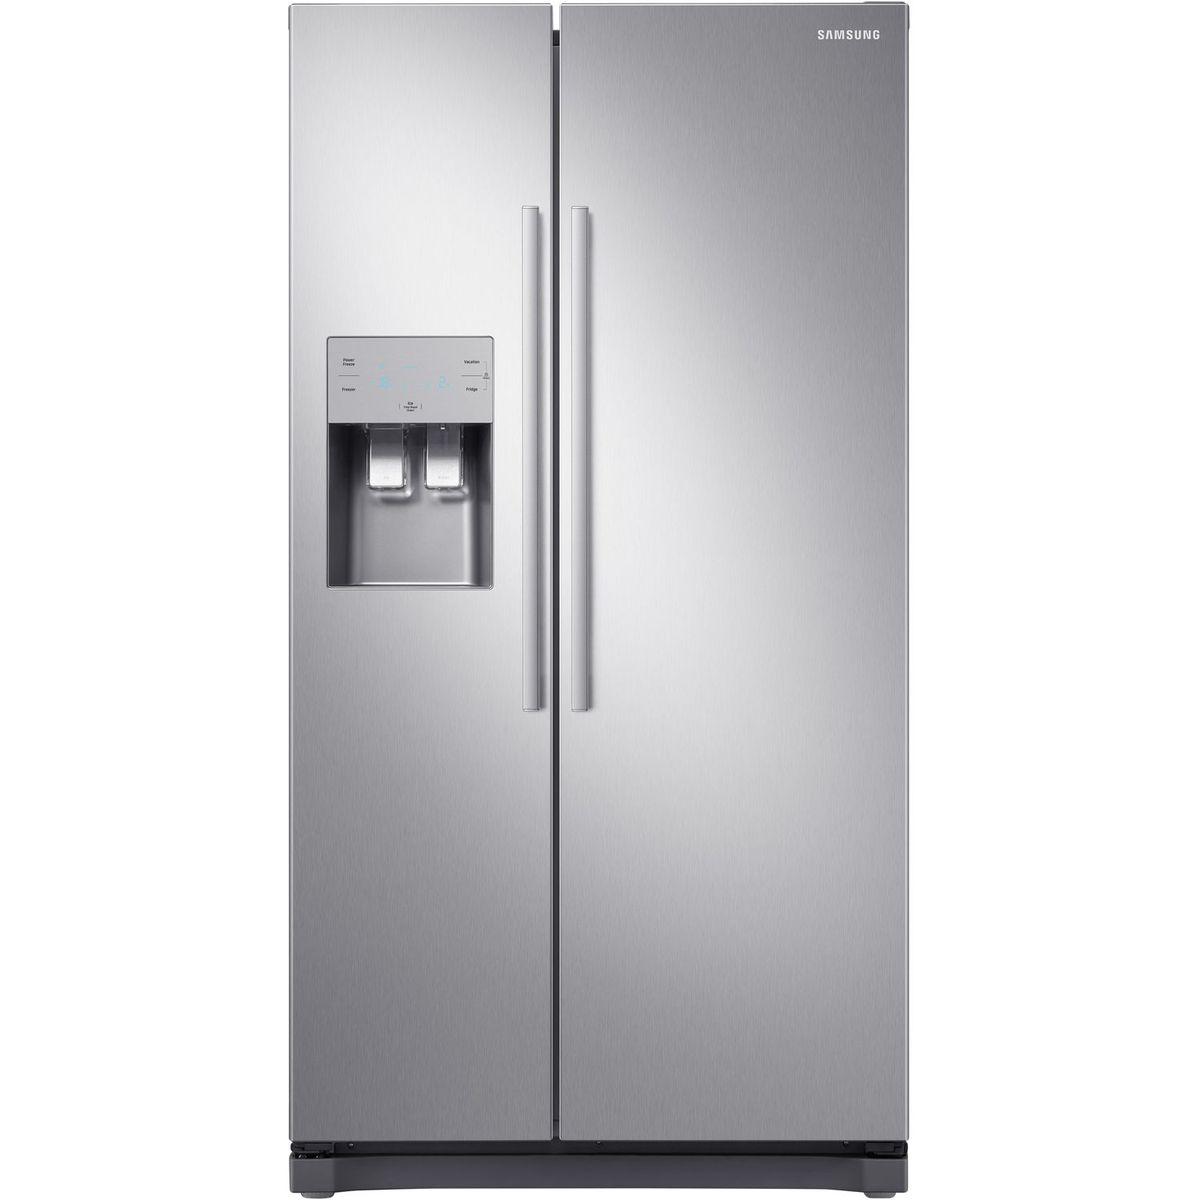 Réfrigérateur américain RS50N3503SA, 501 L, Froid ventilé